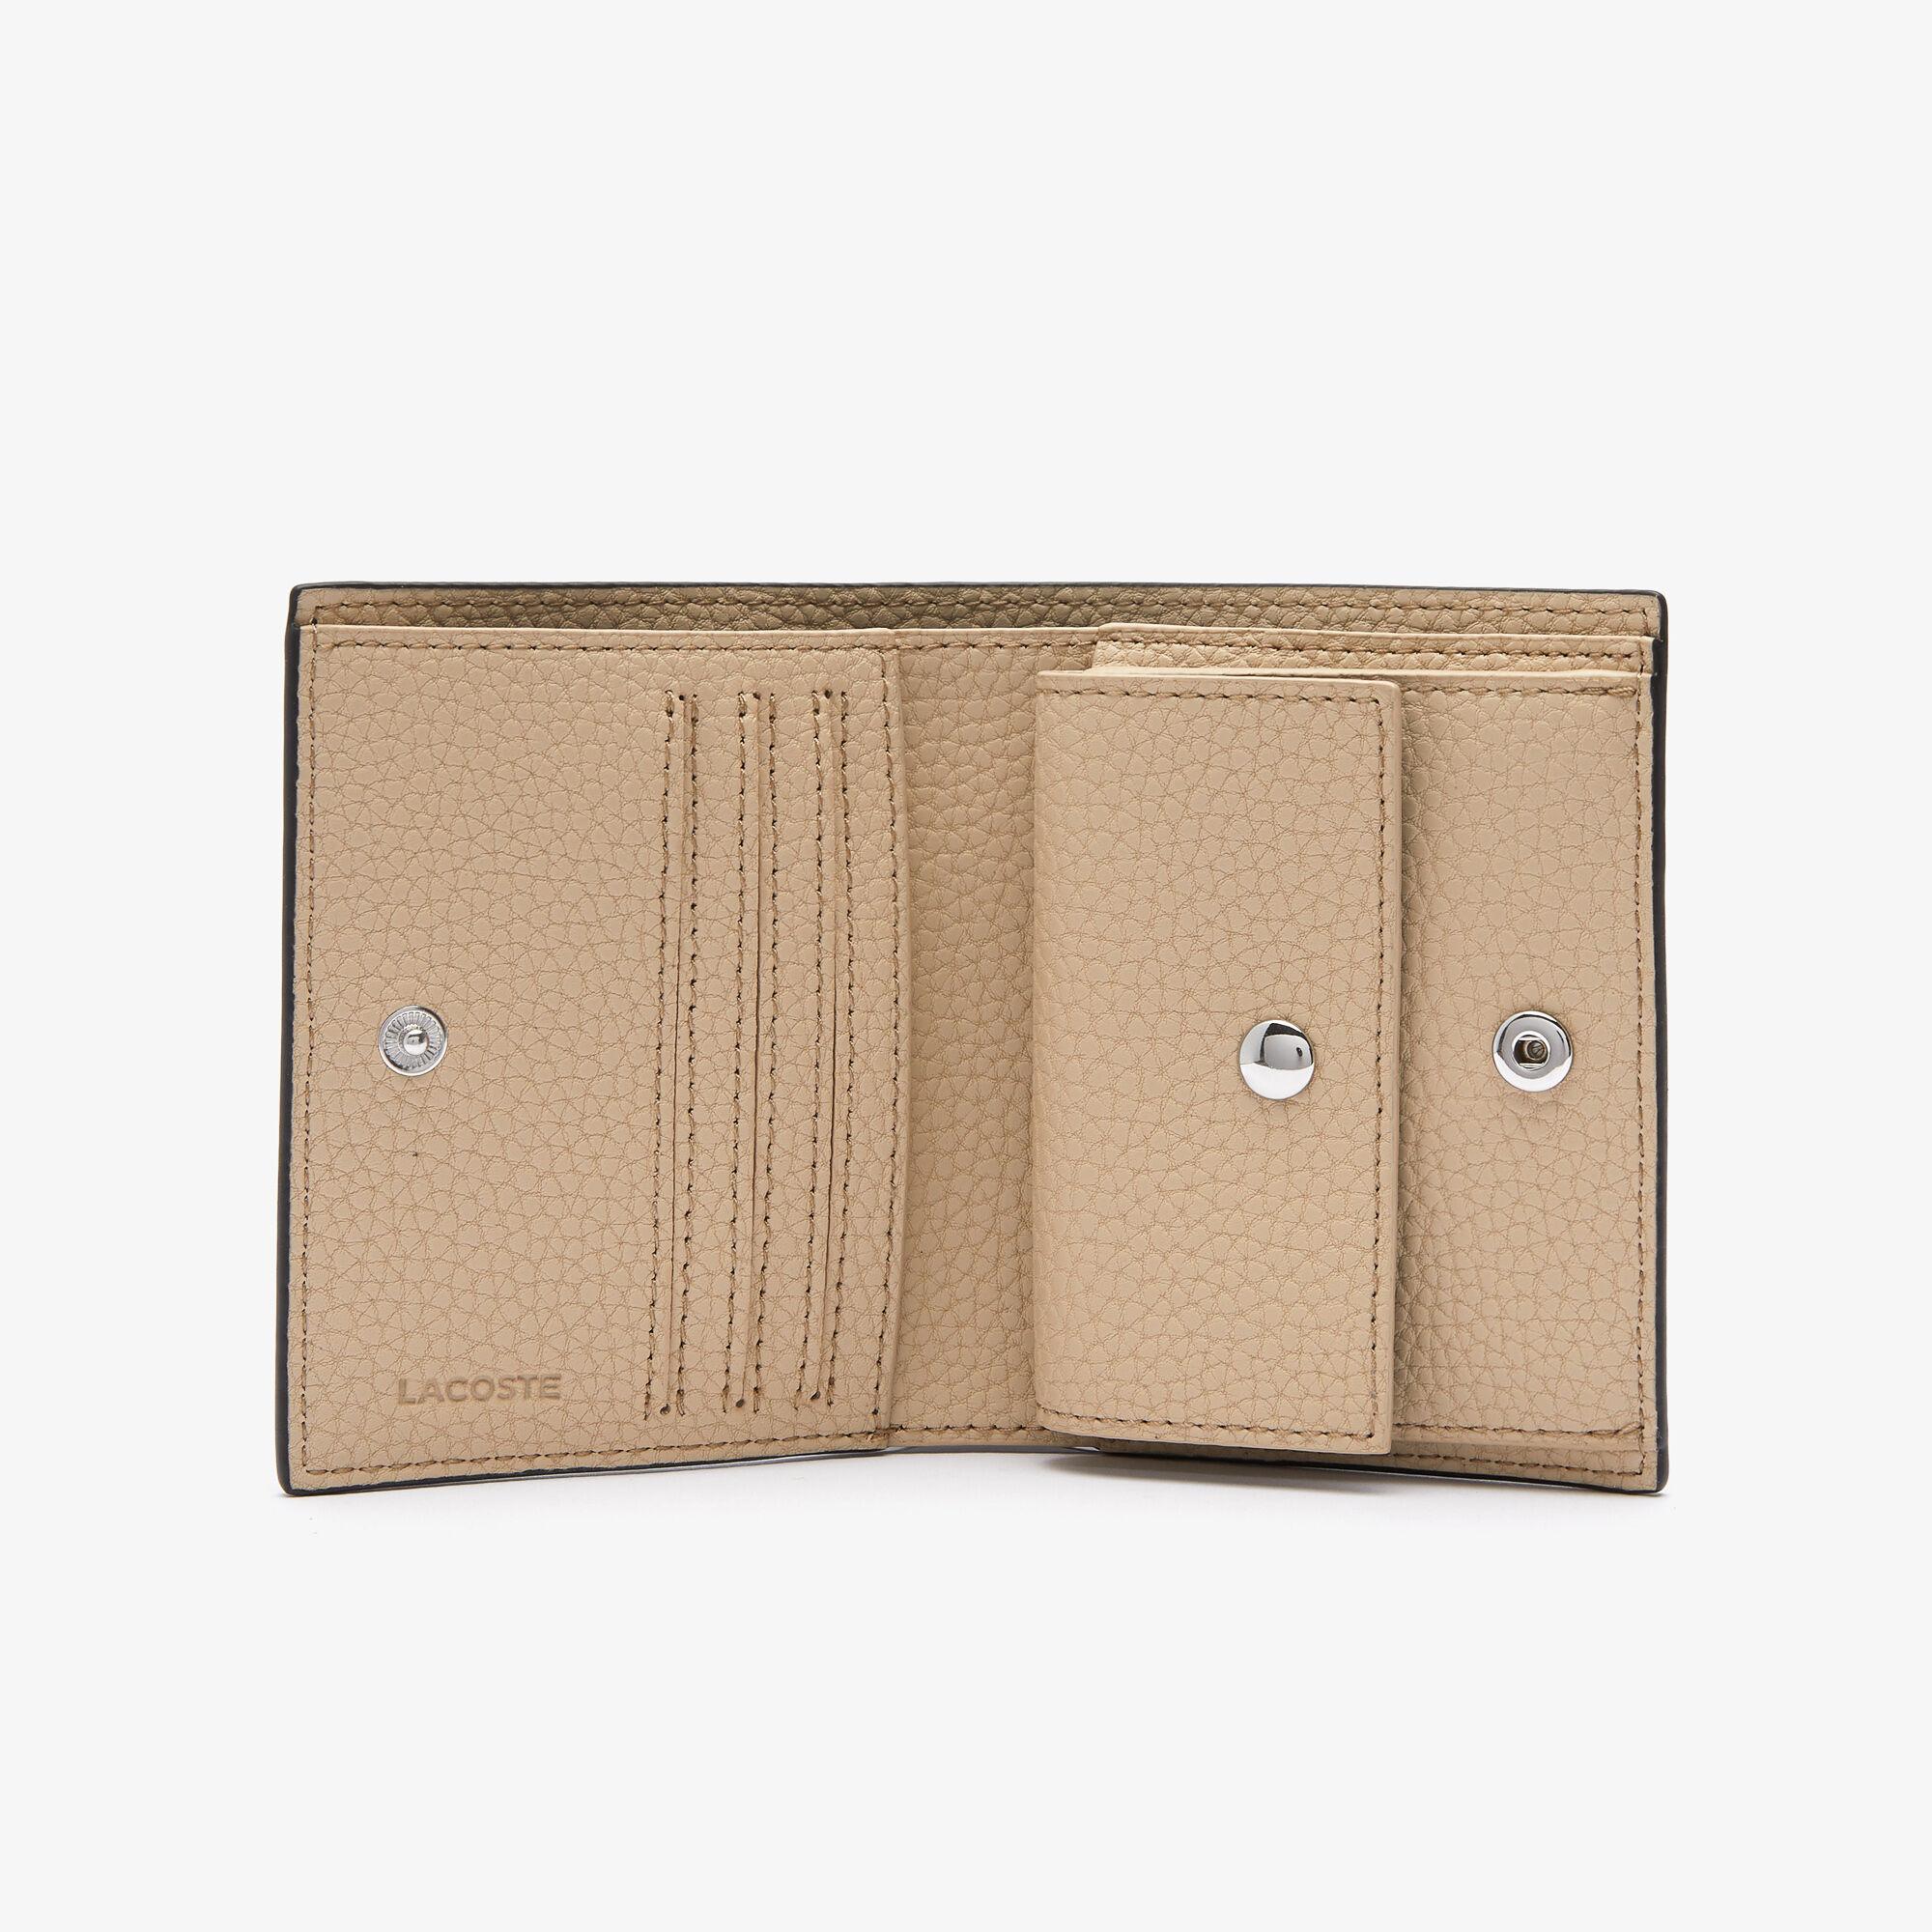 محفظة صغيرة بكبسون من مجموعة Anna للنساء